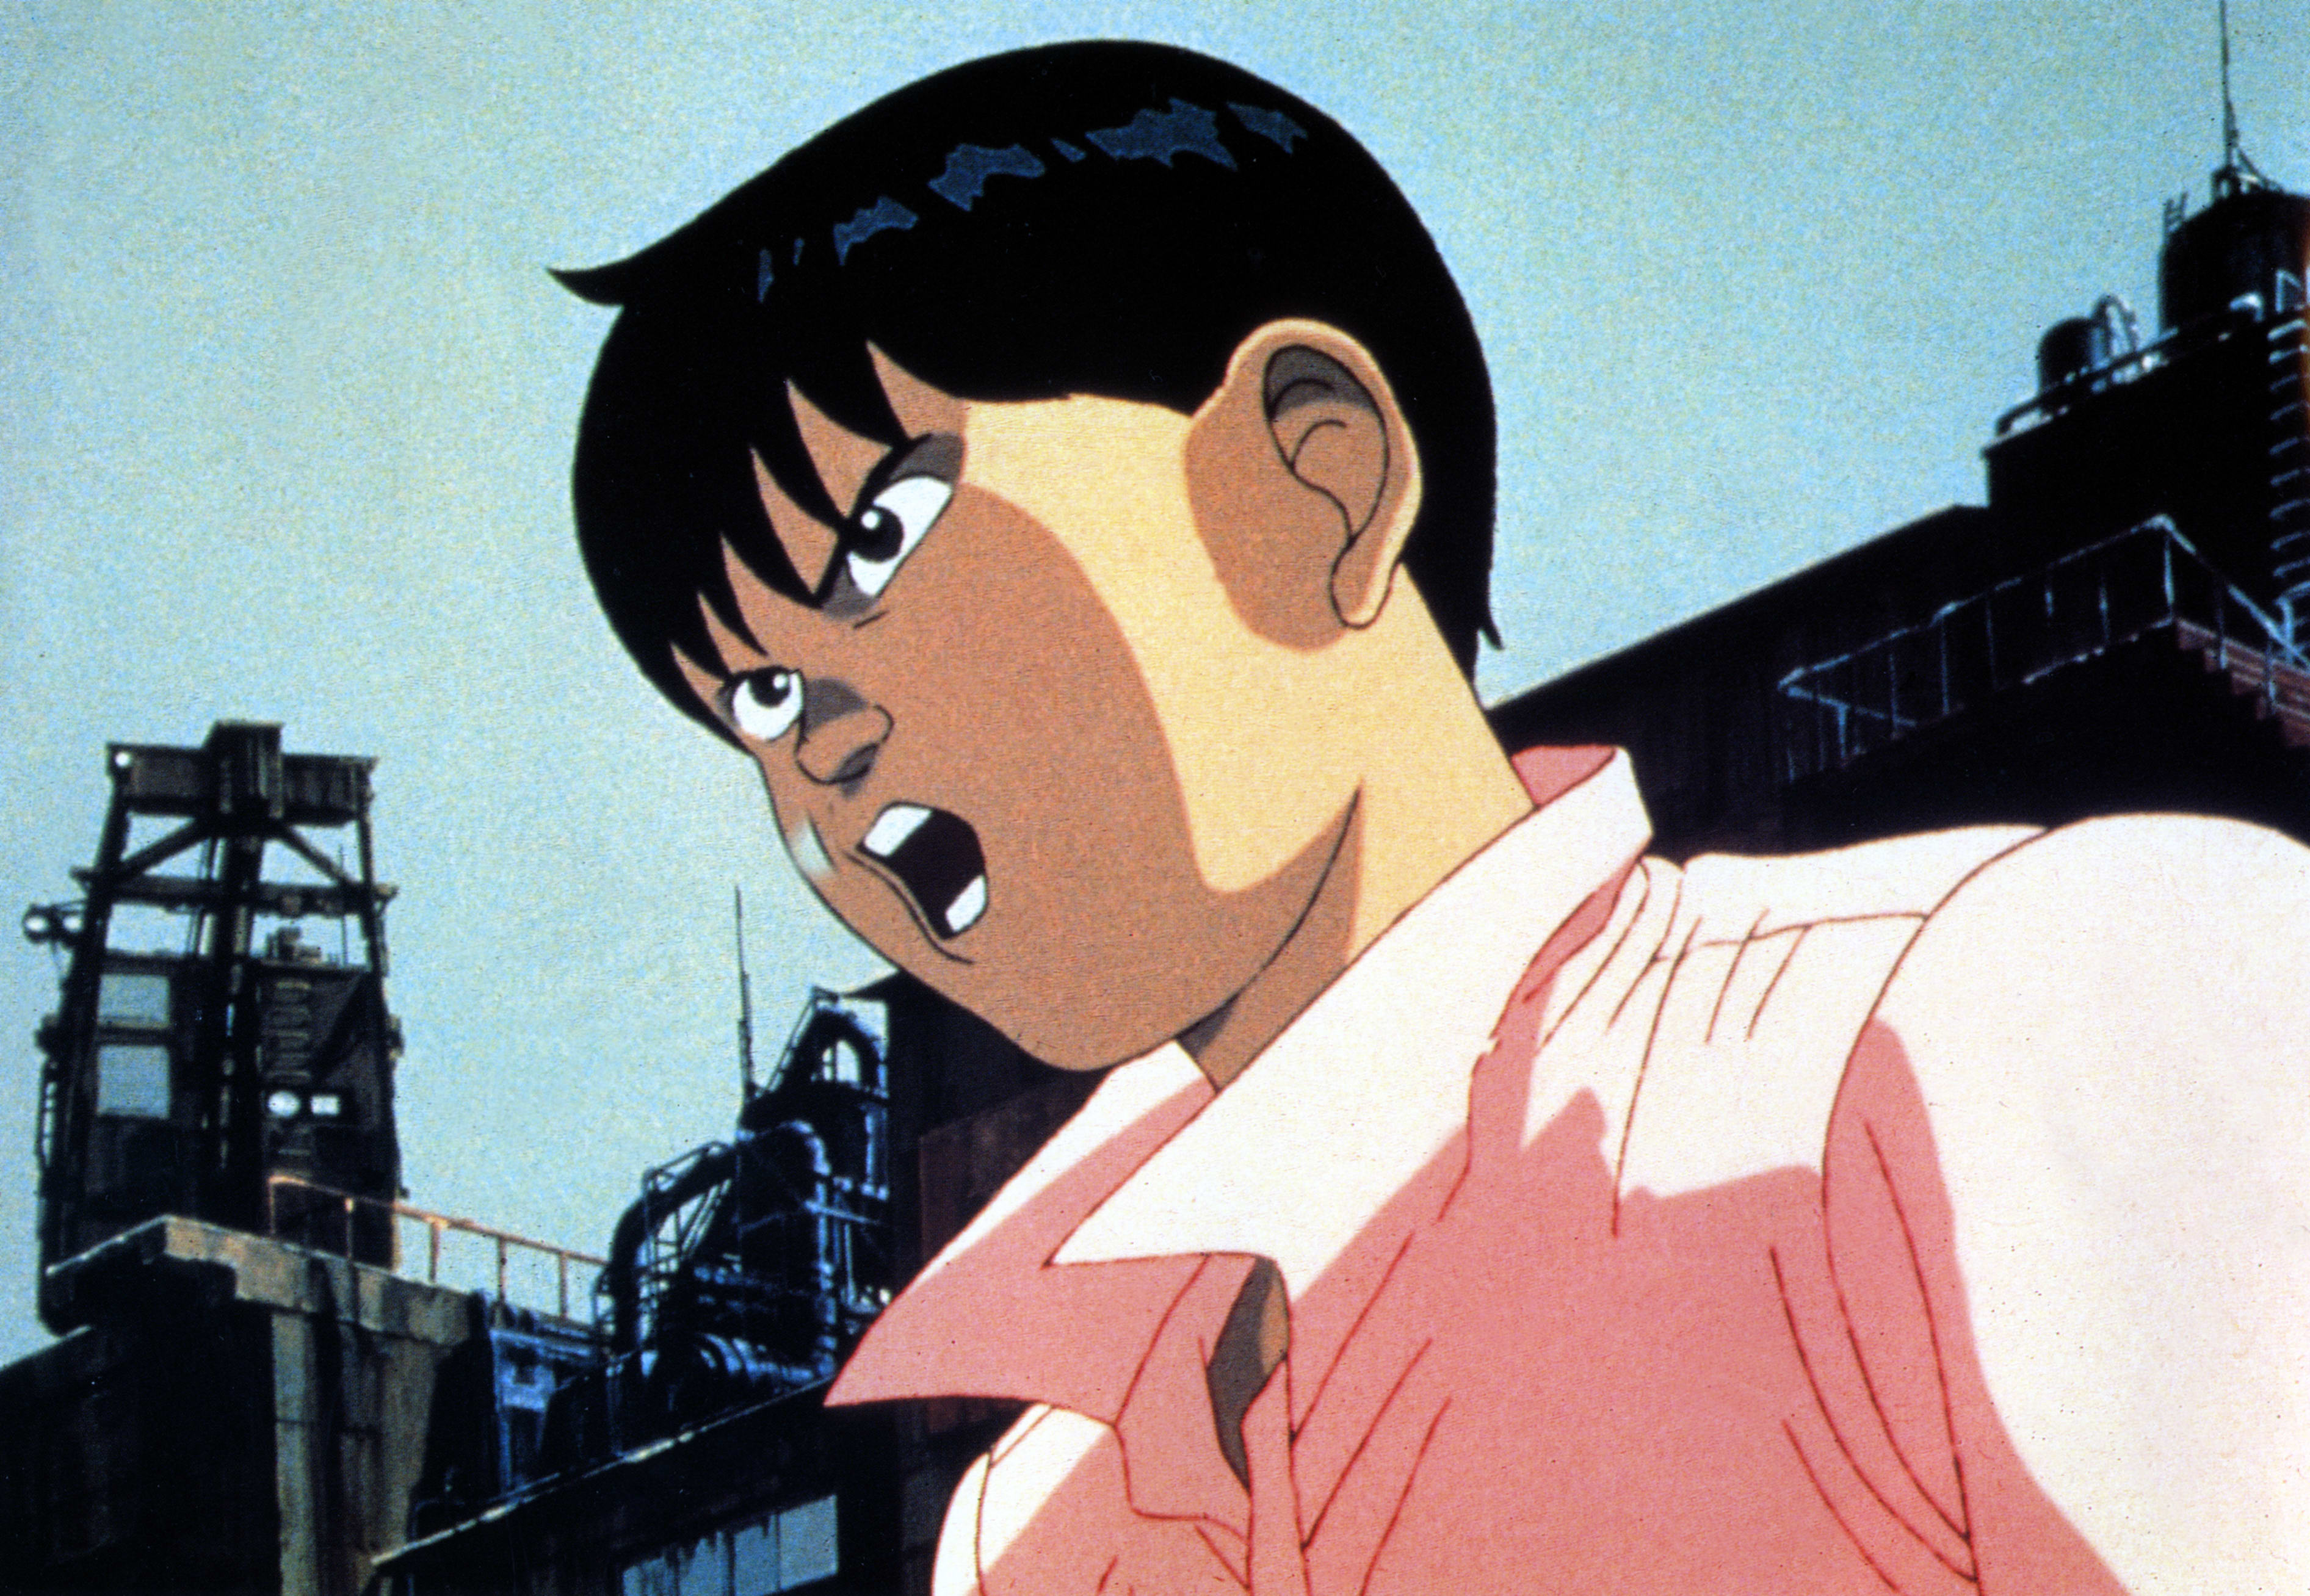 Image from Akira